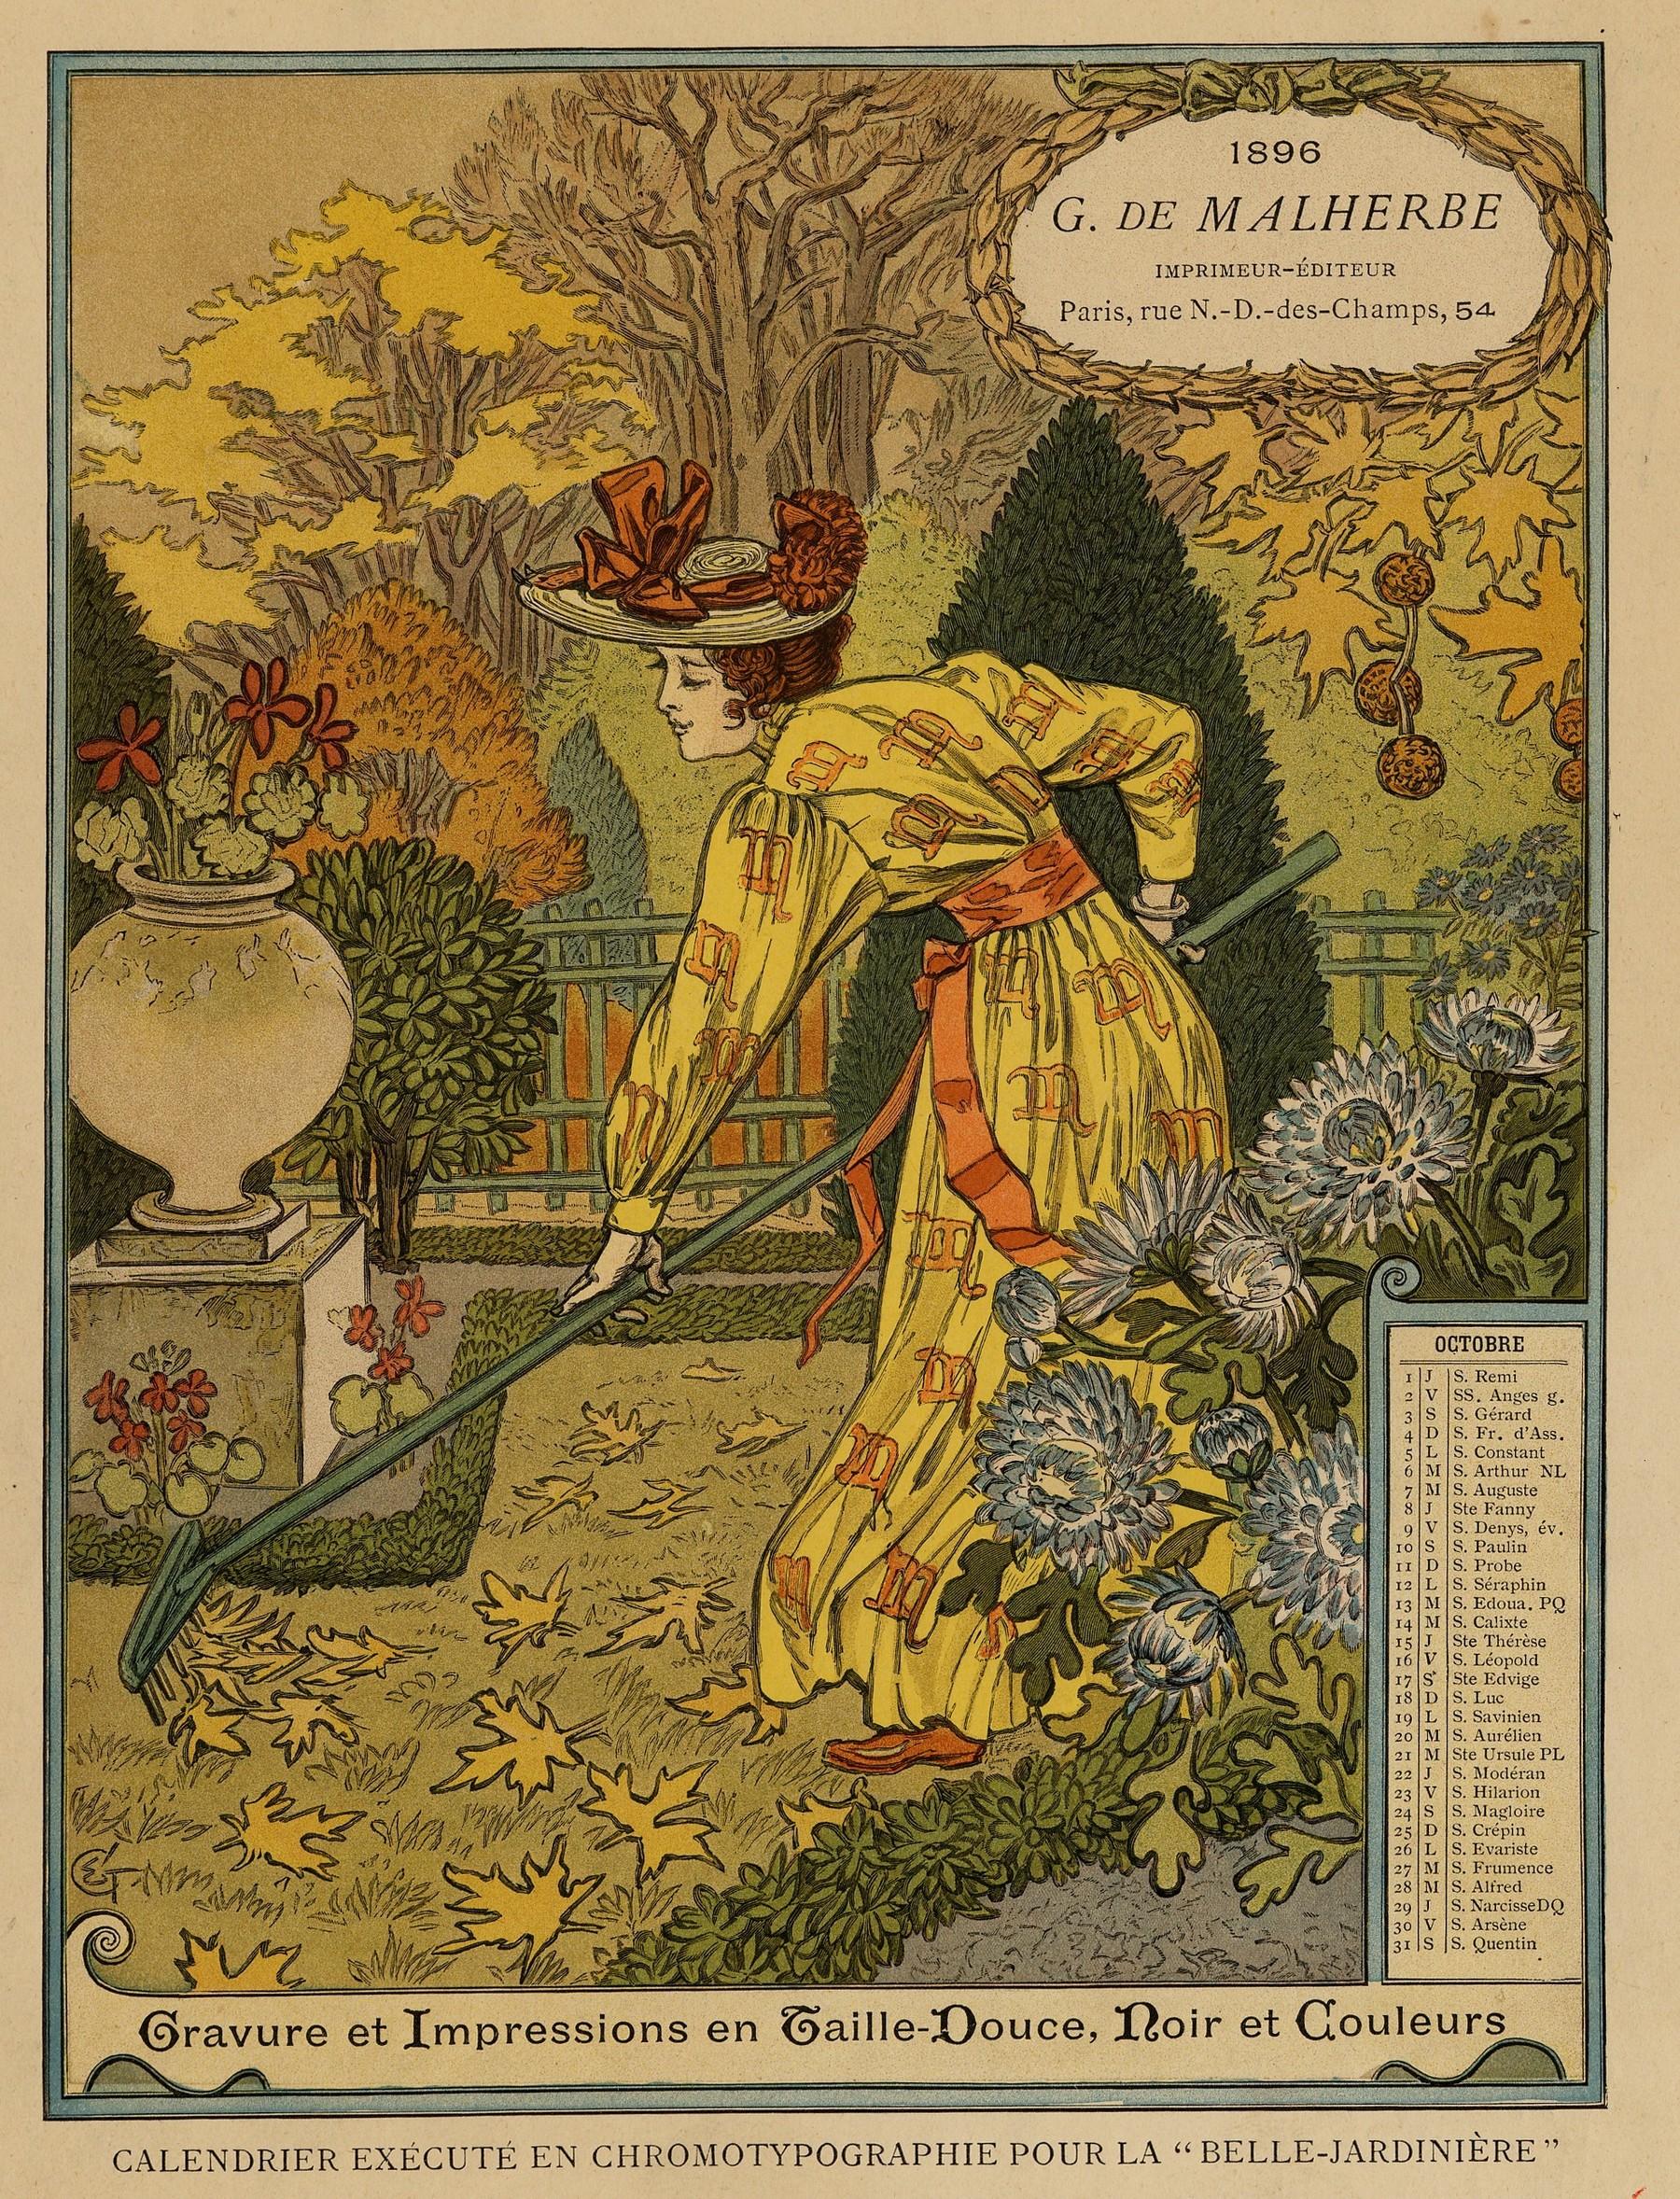 Contenu du Calendrier de 1896 de La Belle Jardinière. Les Mois: Octobre